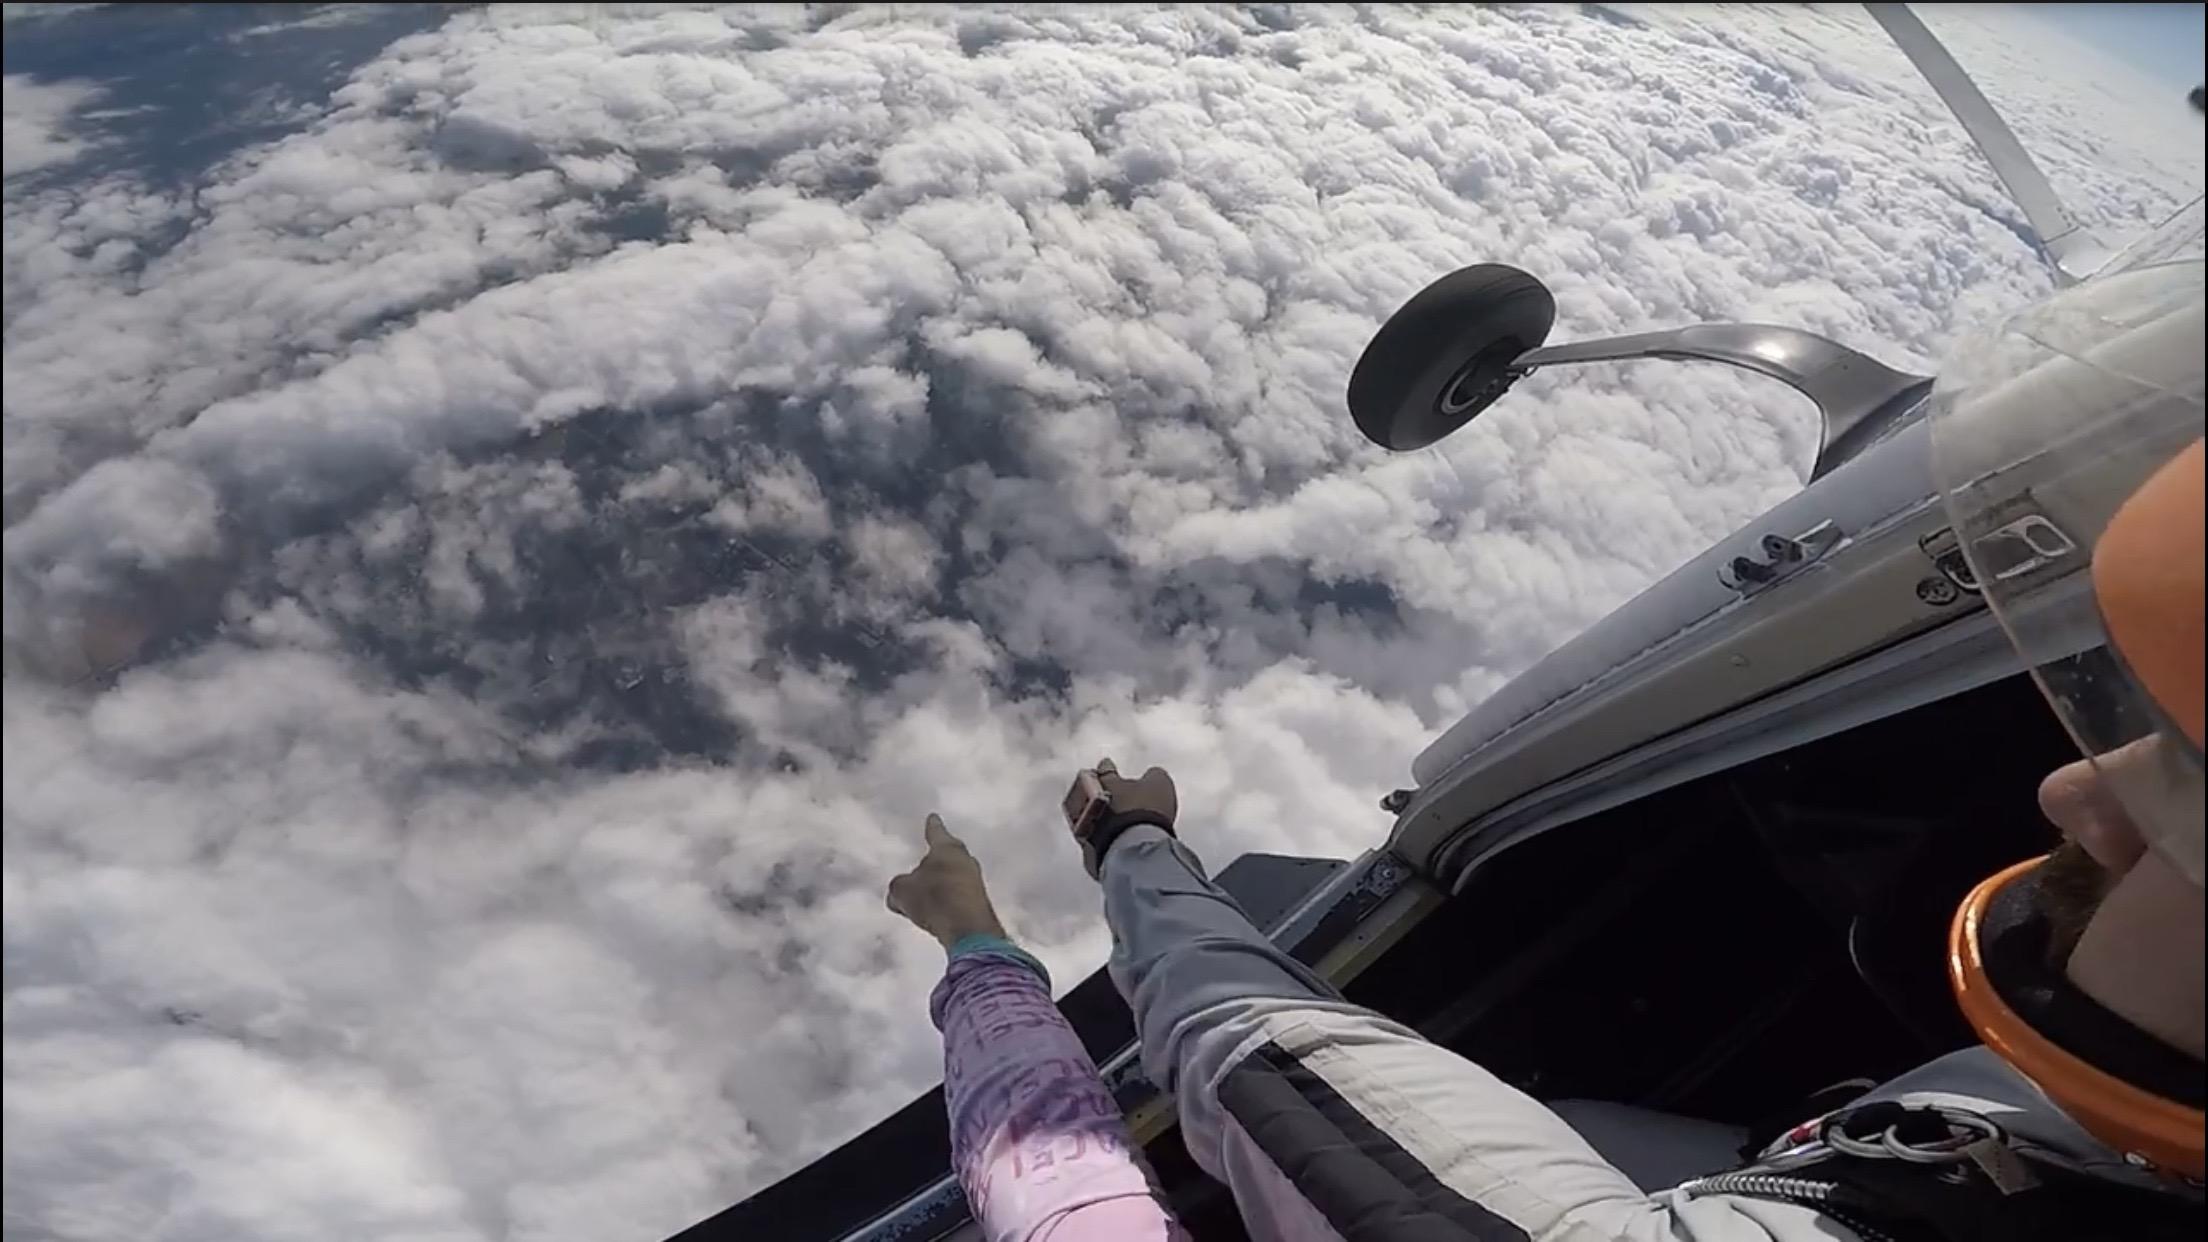 Luke finding the drop zone from 14,500 feet.